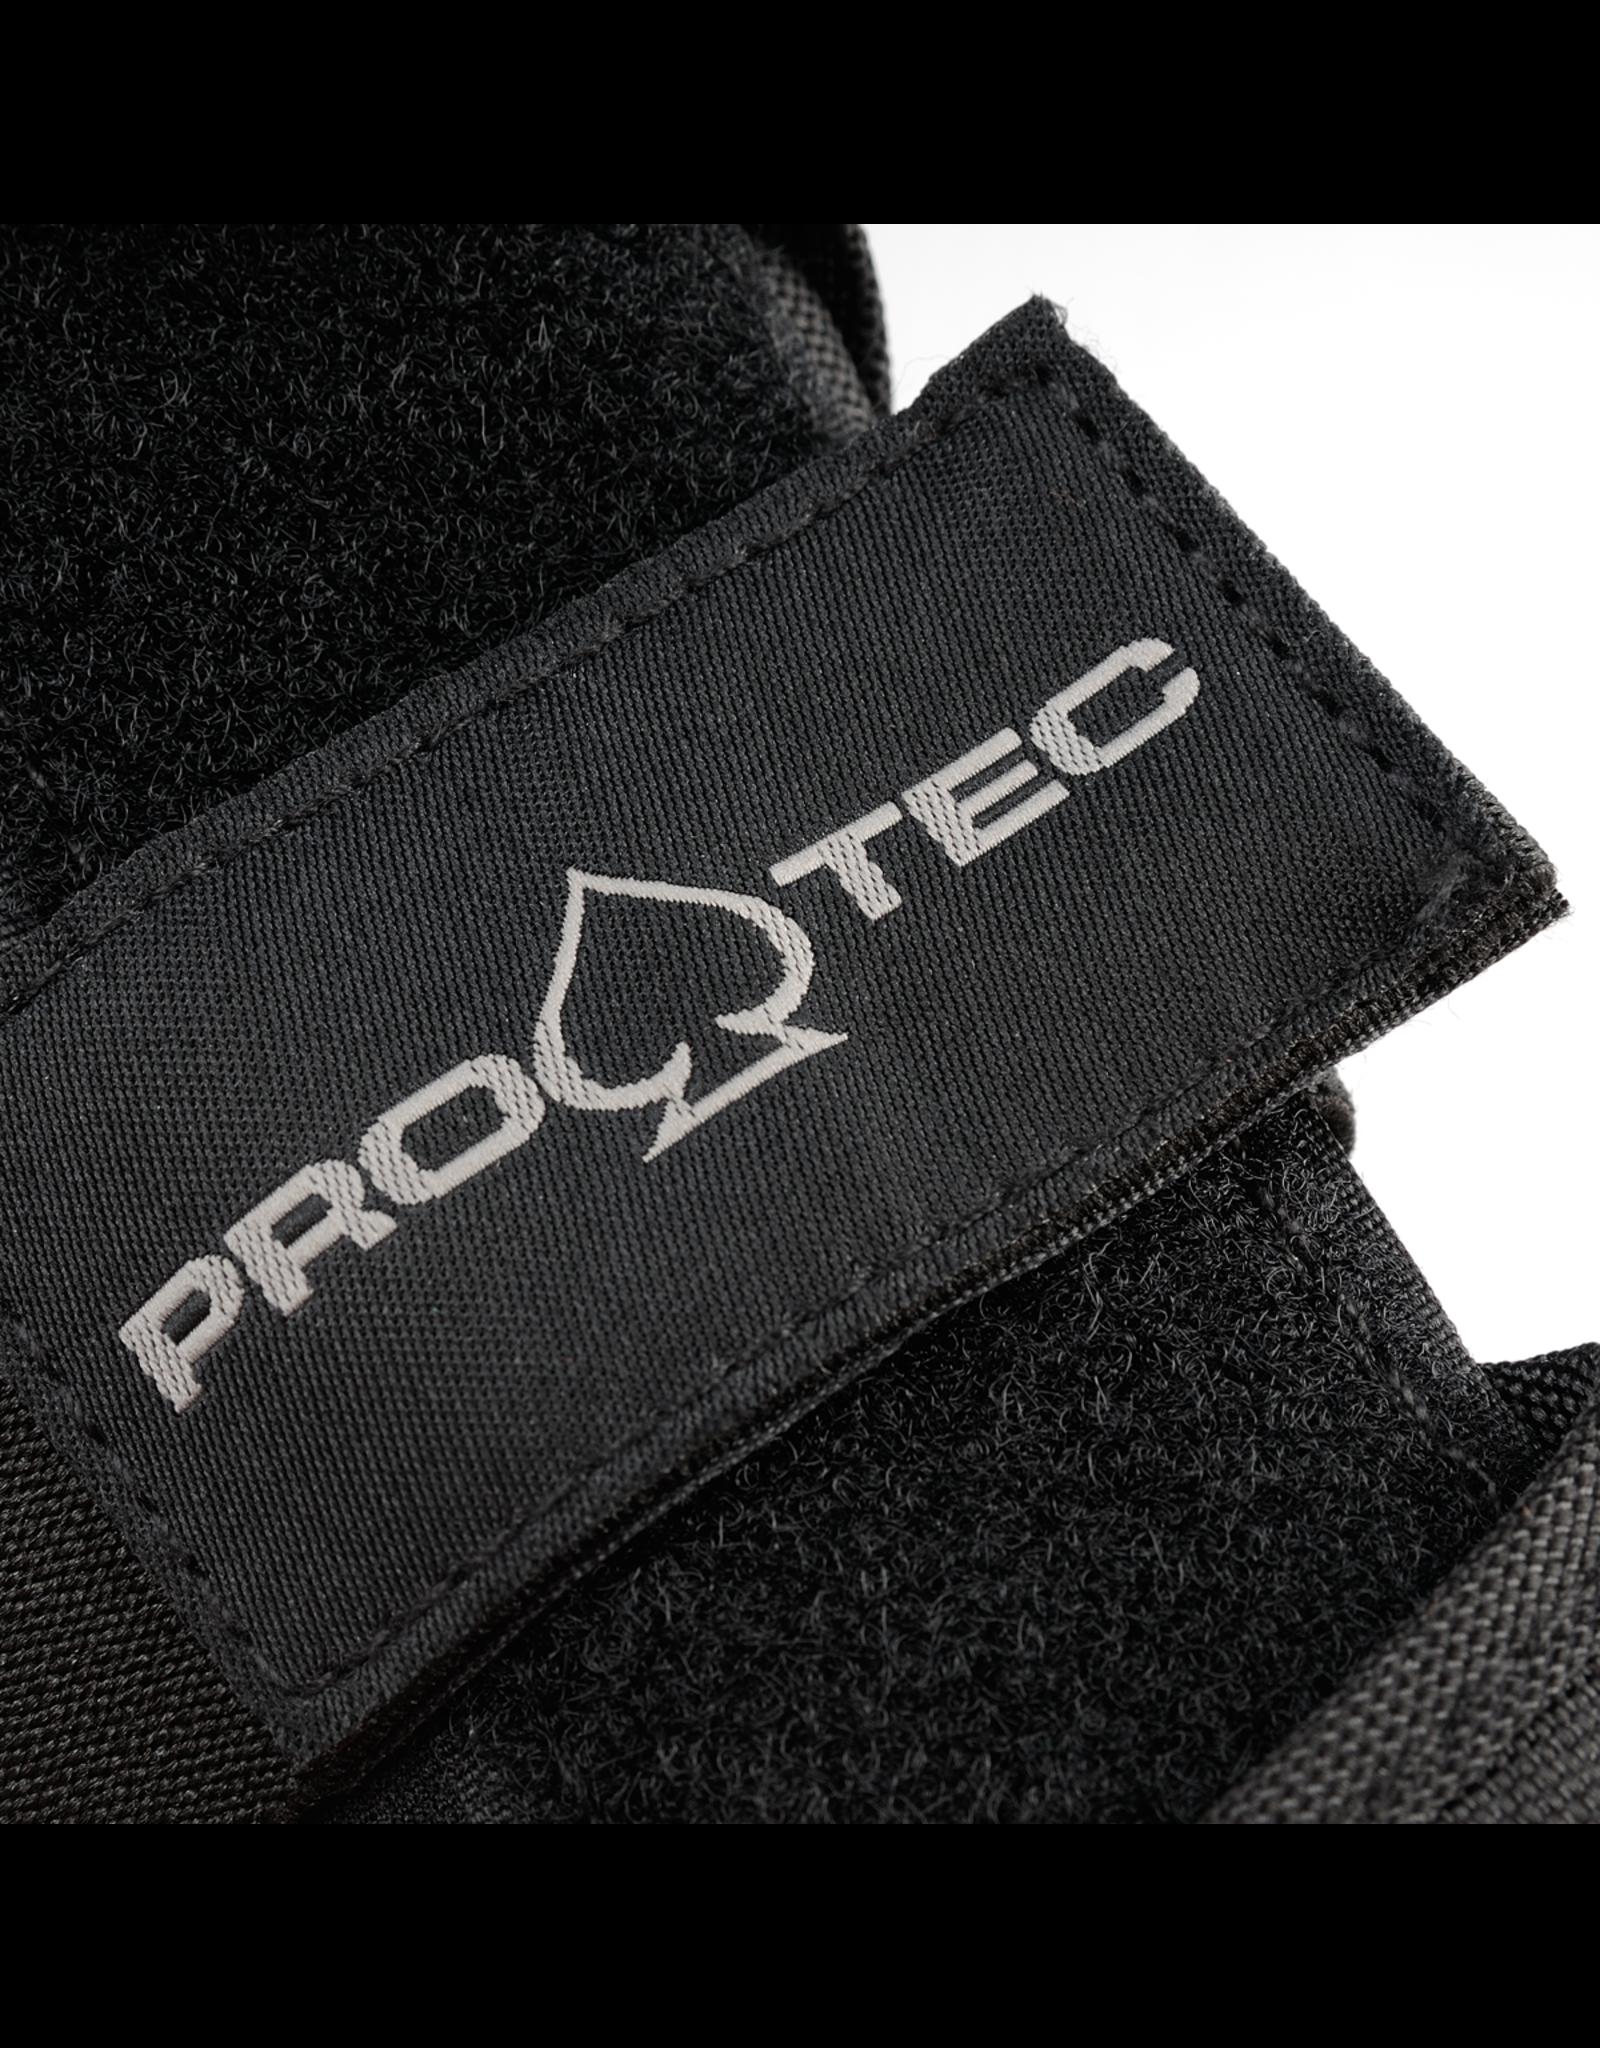 PRO-TEC PRO-TEC - STREET WRIST GUARD - BLACK -